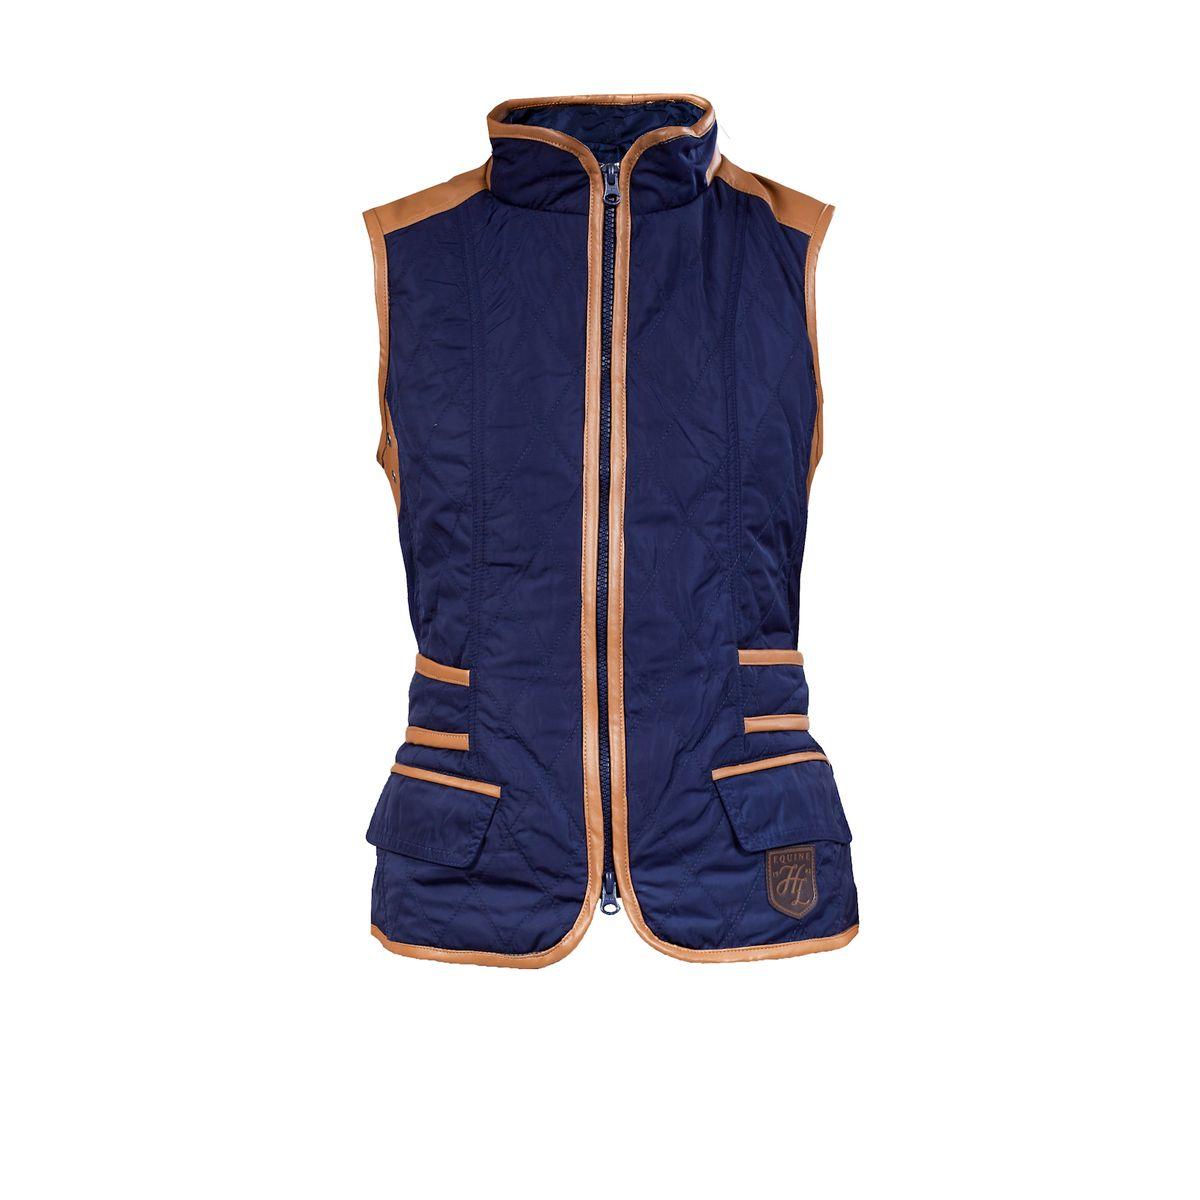 HorZe Jadine Women's Quilted Vest Medium Peacoat Dark Blue at Sears.com